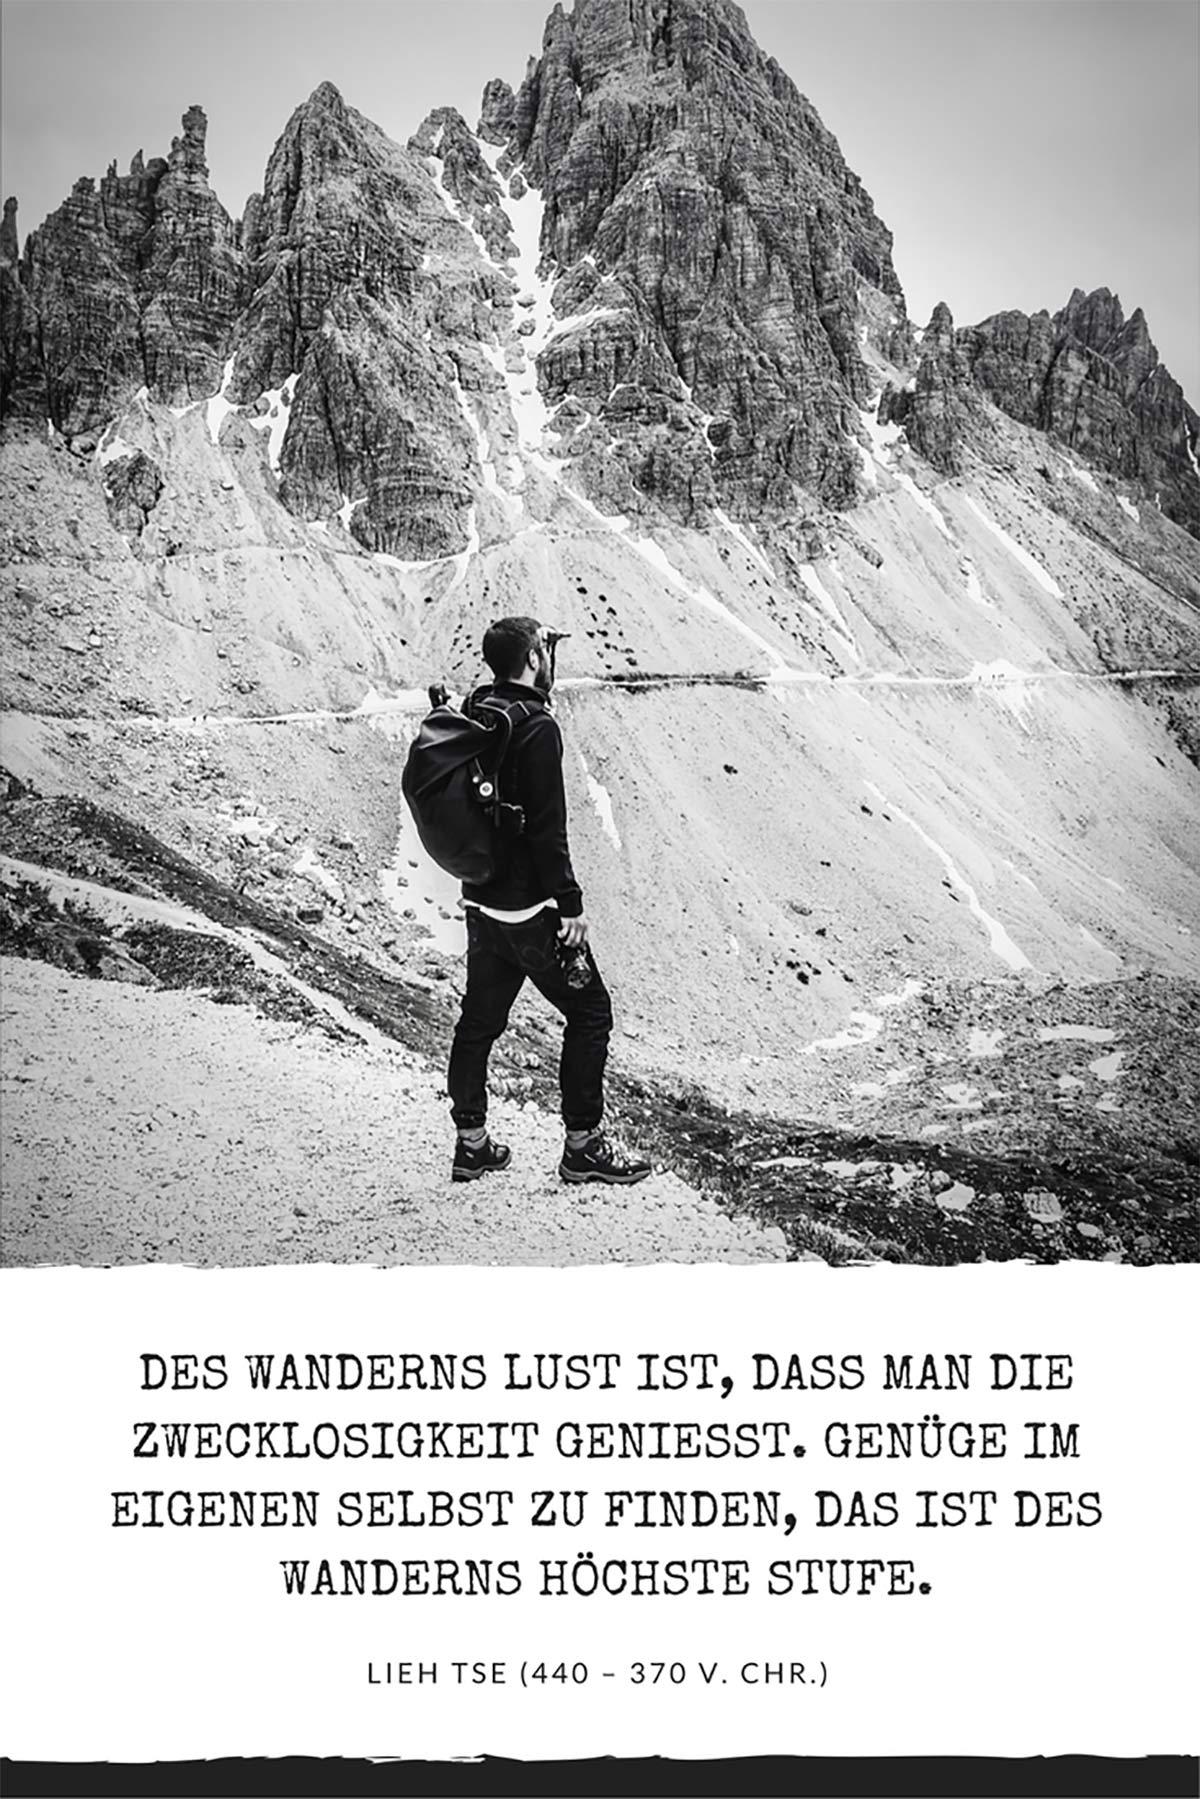 Des Wanderns Lust ist, dass man die Zwecklosigkeit genießt, Genüge im eigenen selbst zu finden – das ist des Wanderns höchste Stufe. – Lieh Tse